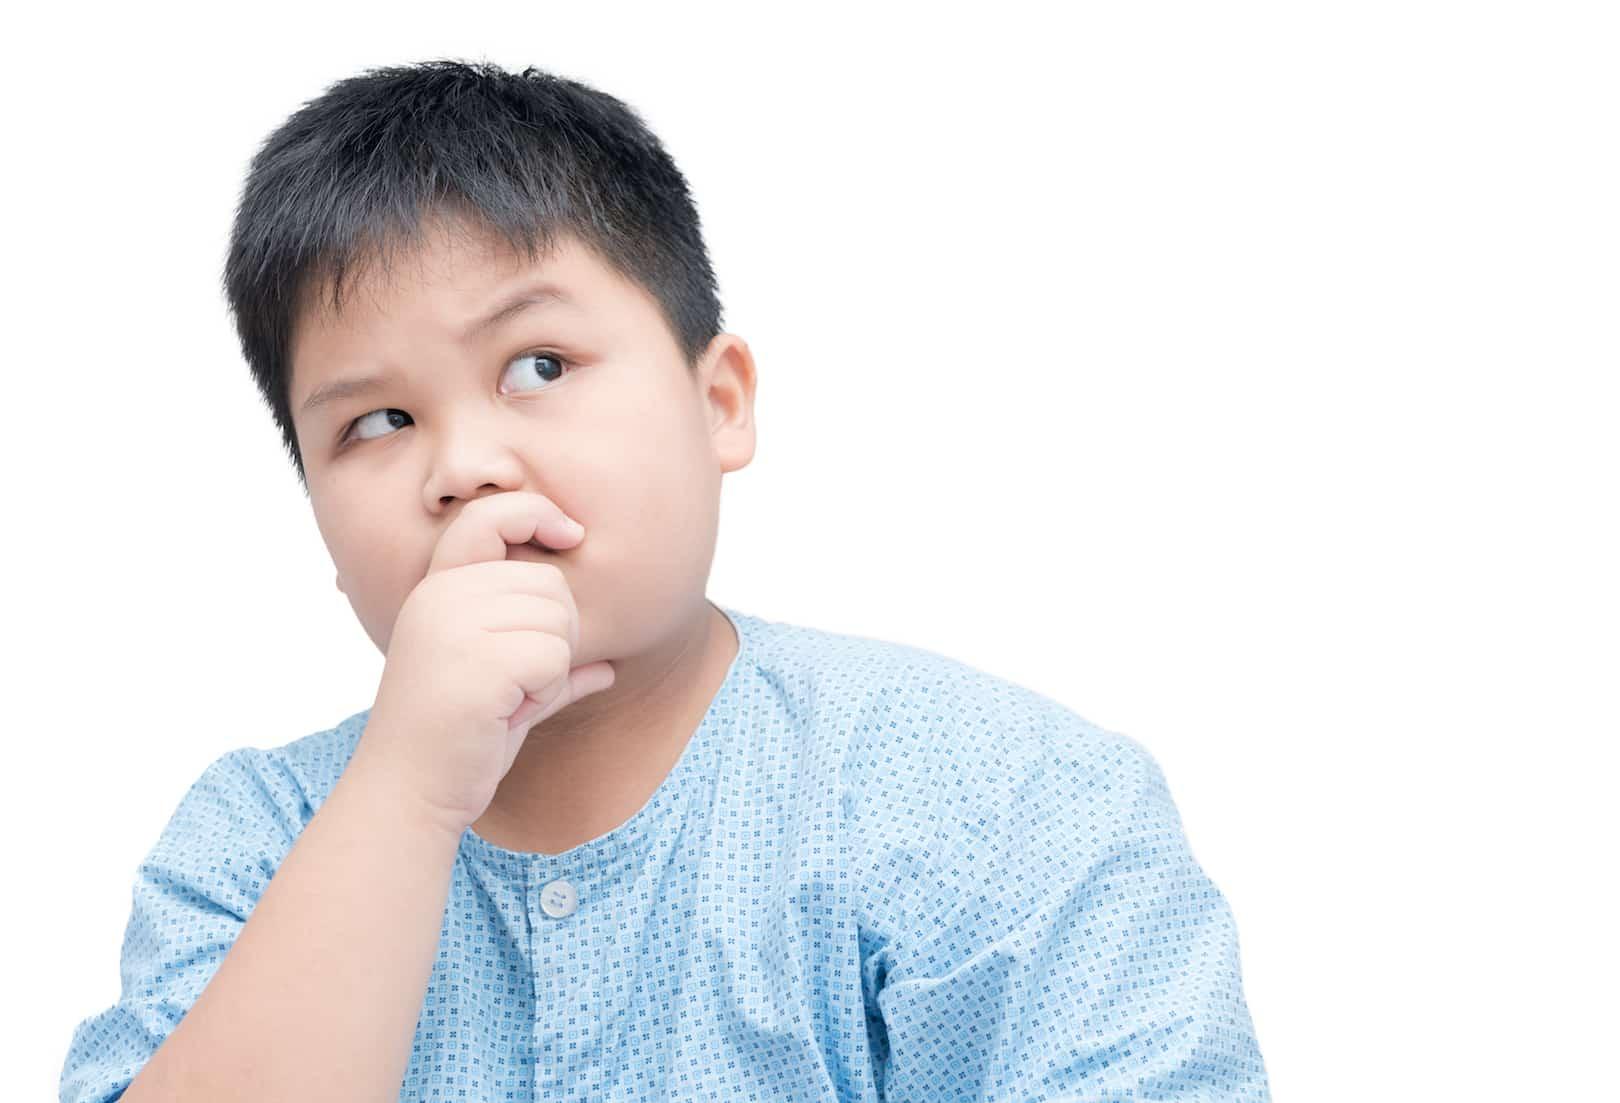 השמנת יתר בבני נוער